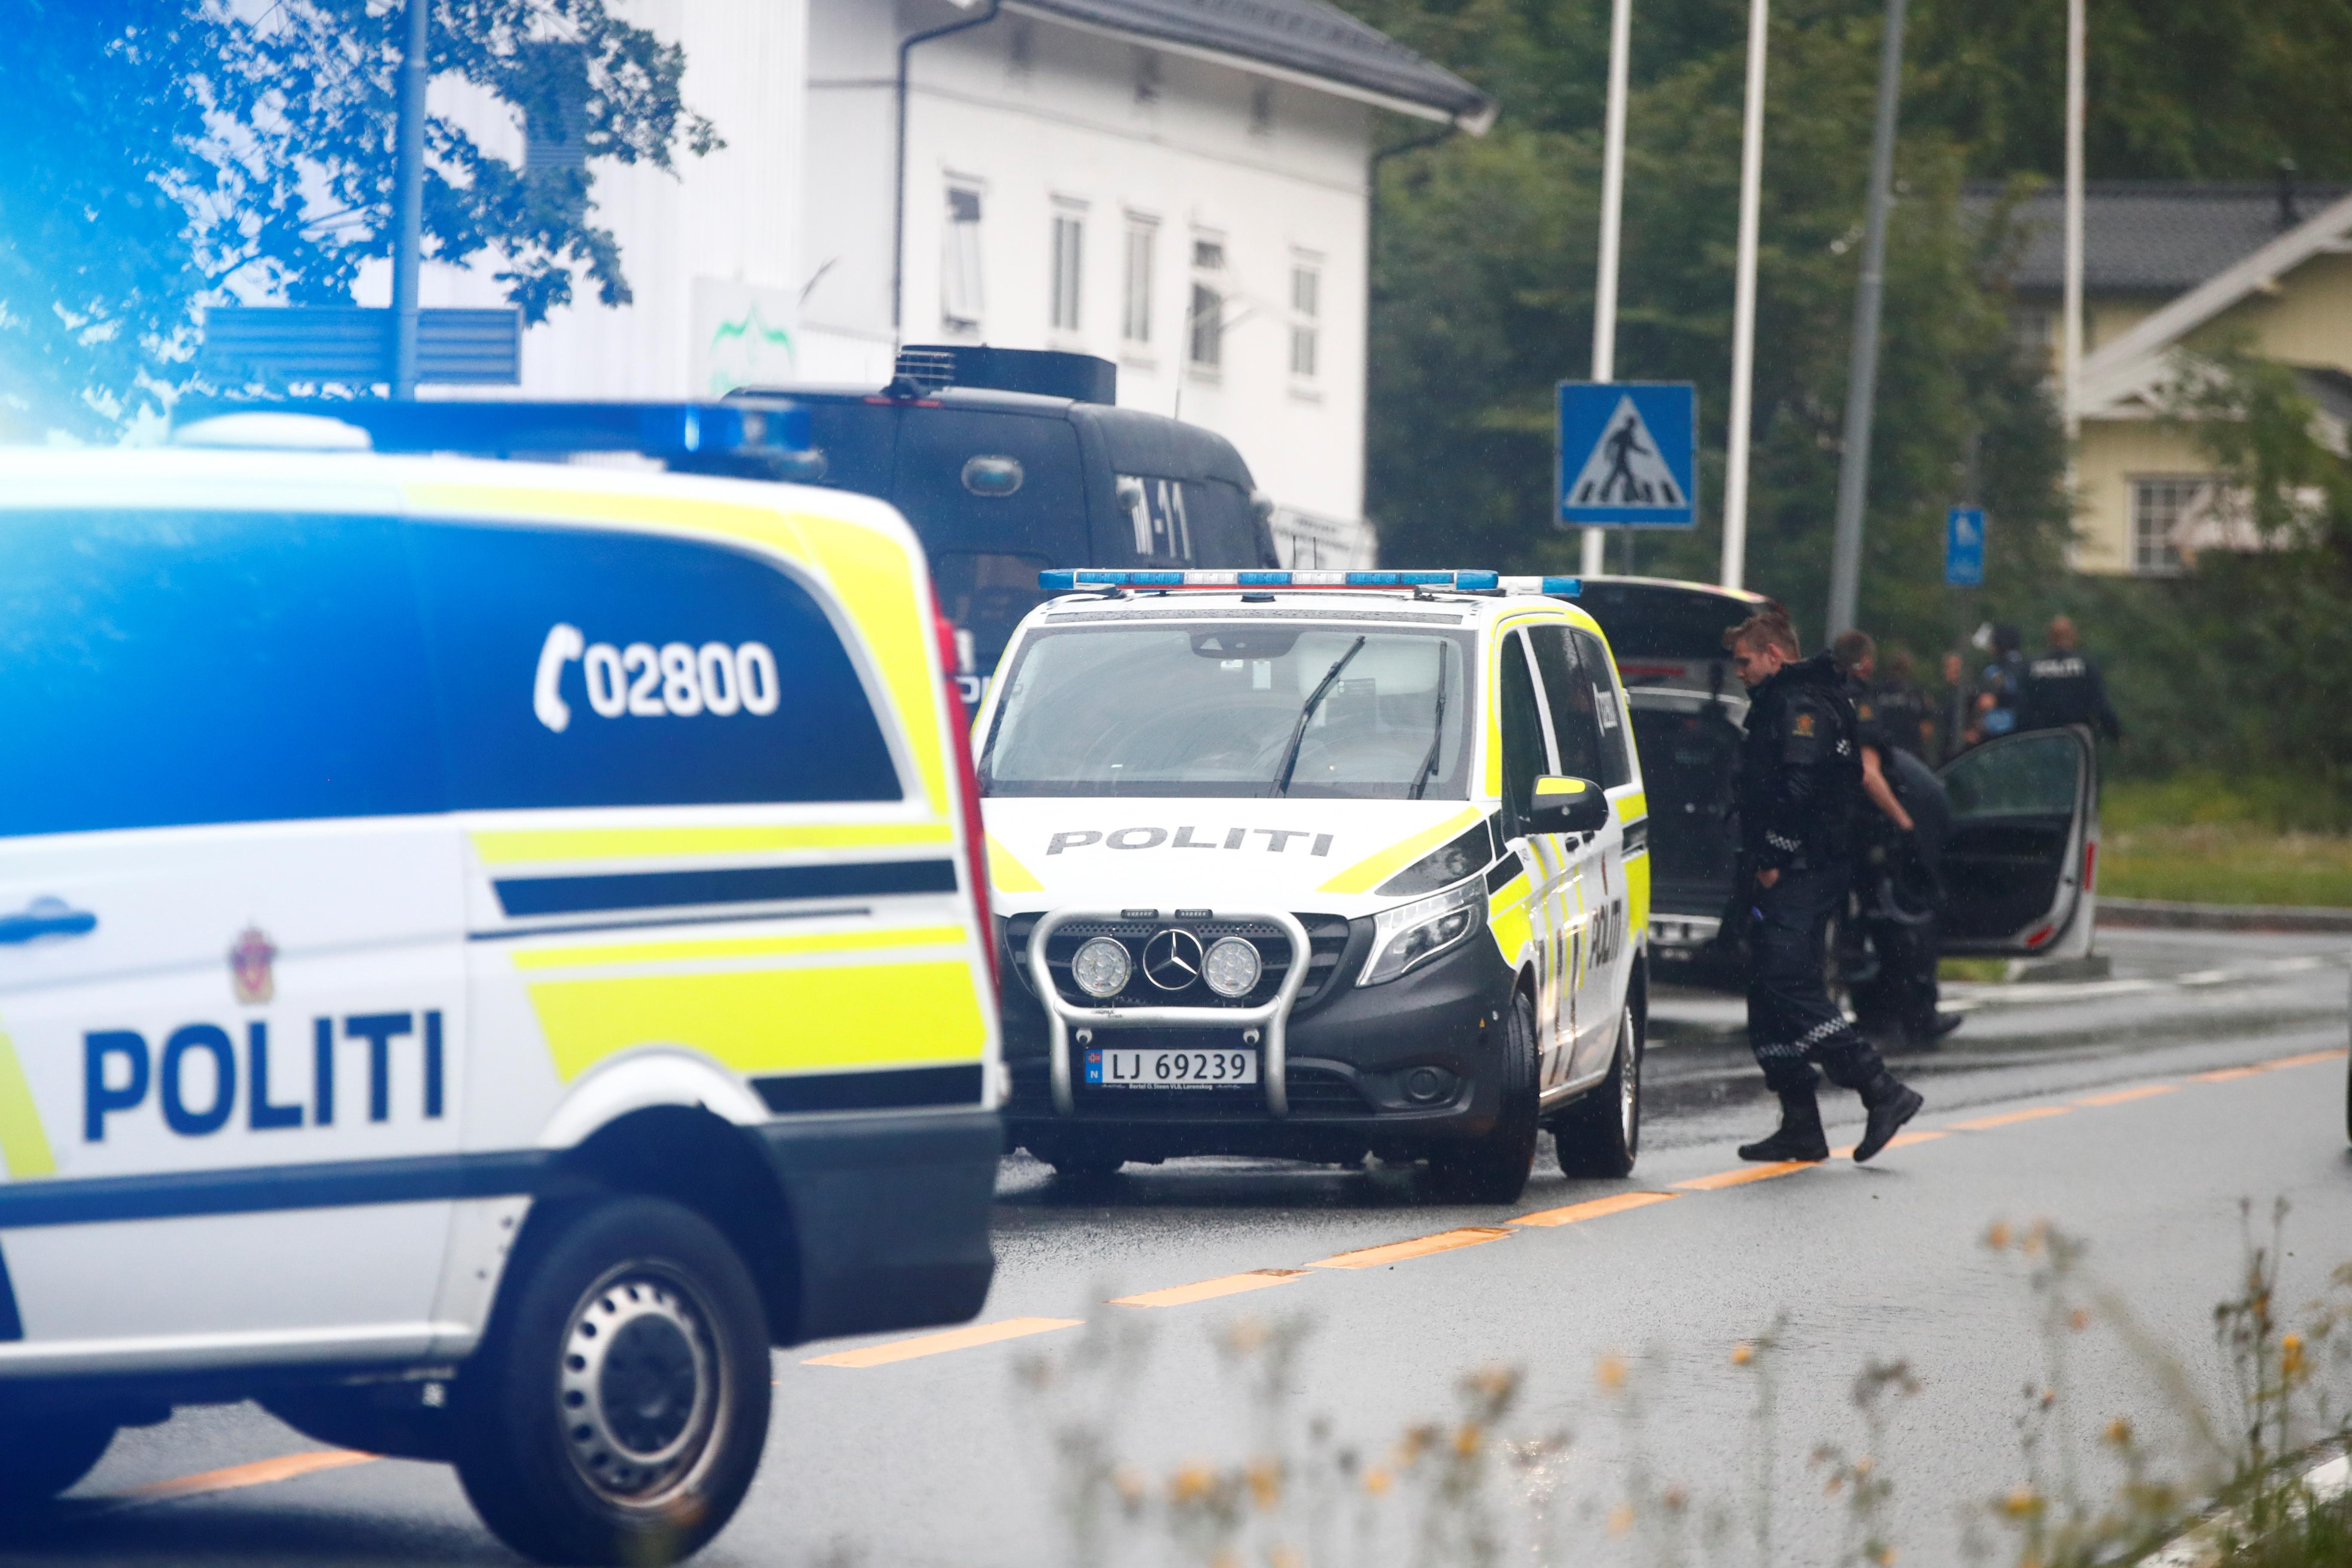 Betört egy mecsetbe és lövöldözni kezdett egy férfi Norvégiában